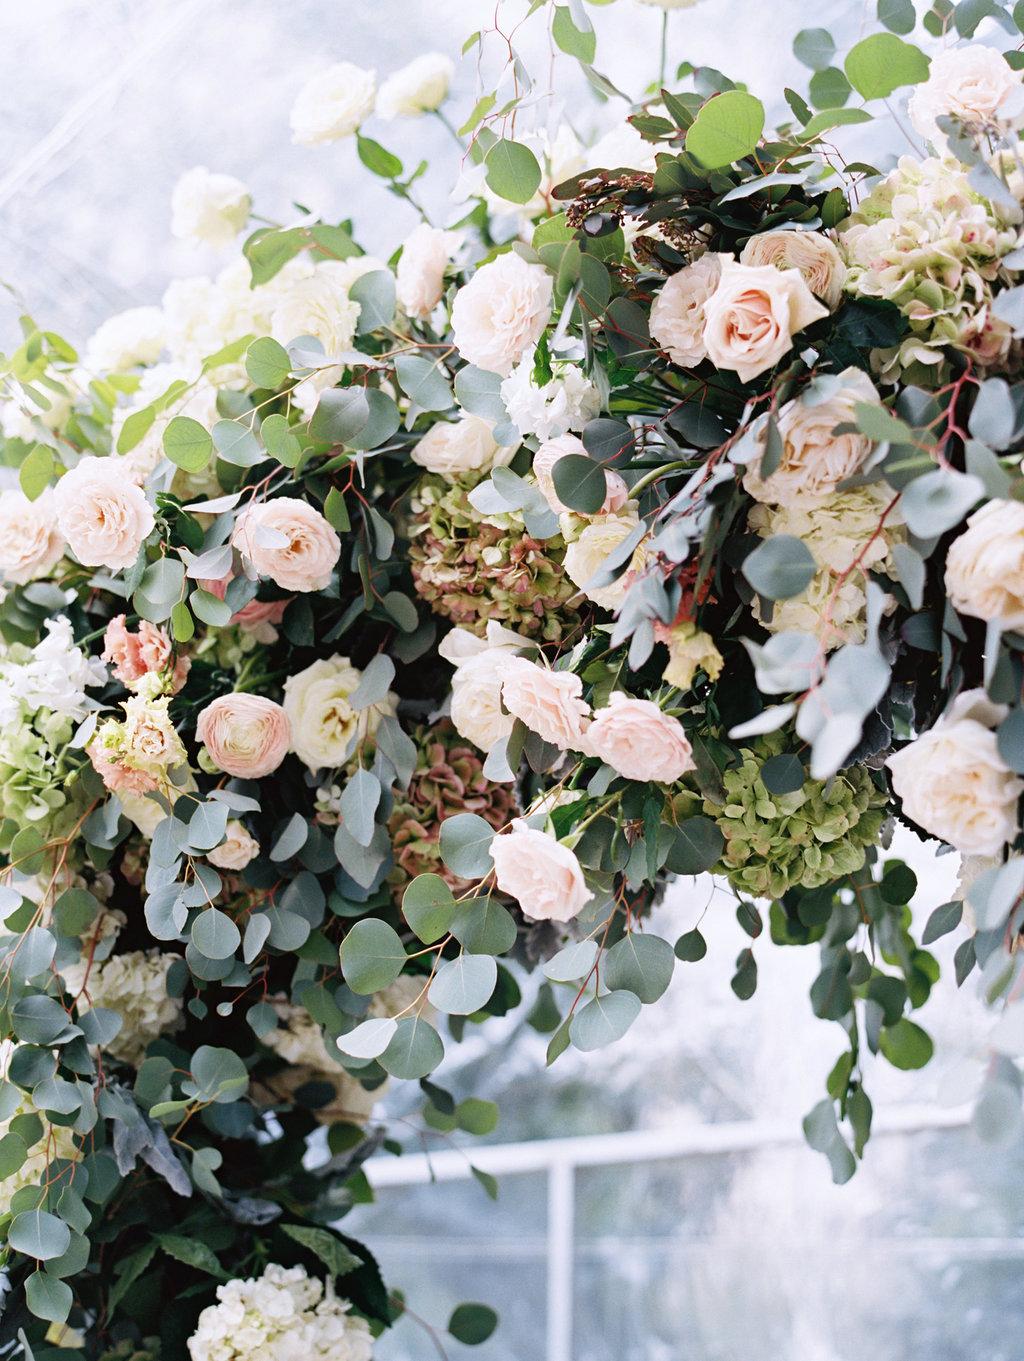 Caroline_Events_Dallas_Wedding_Planner_Marie_Gabrielle_Harwood_Wedding21.jpg